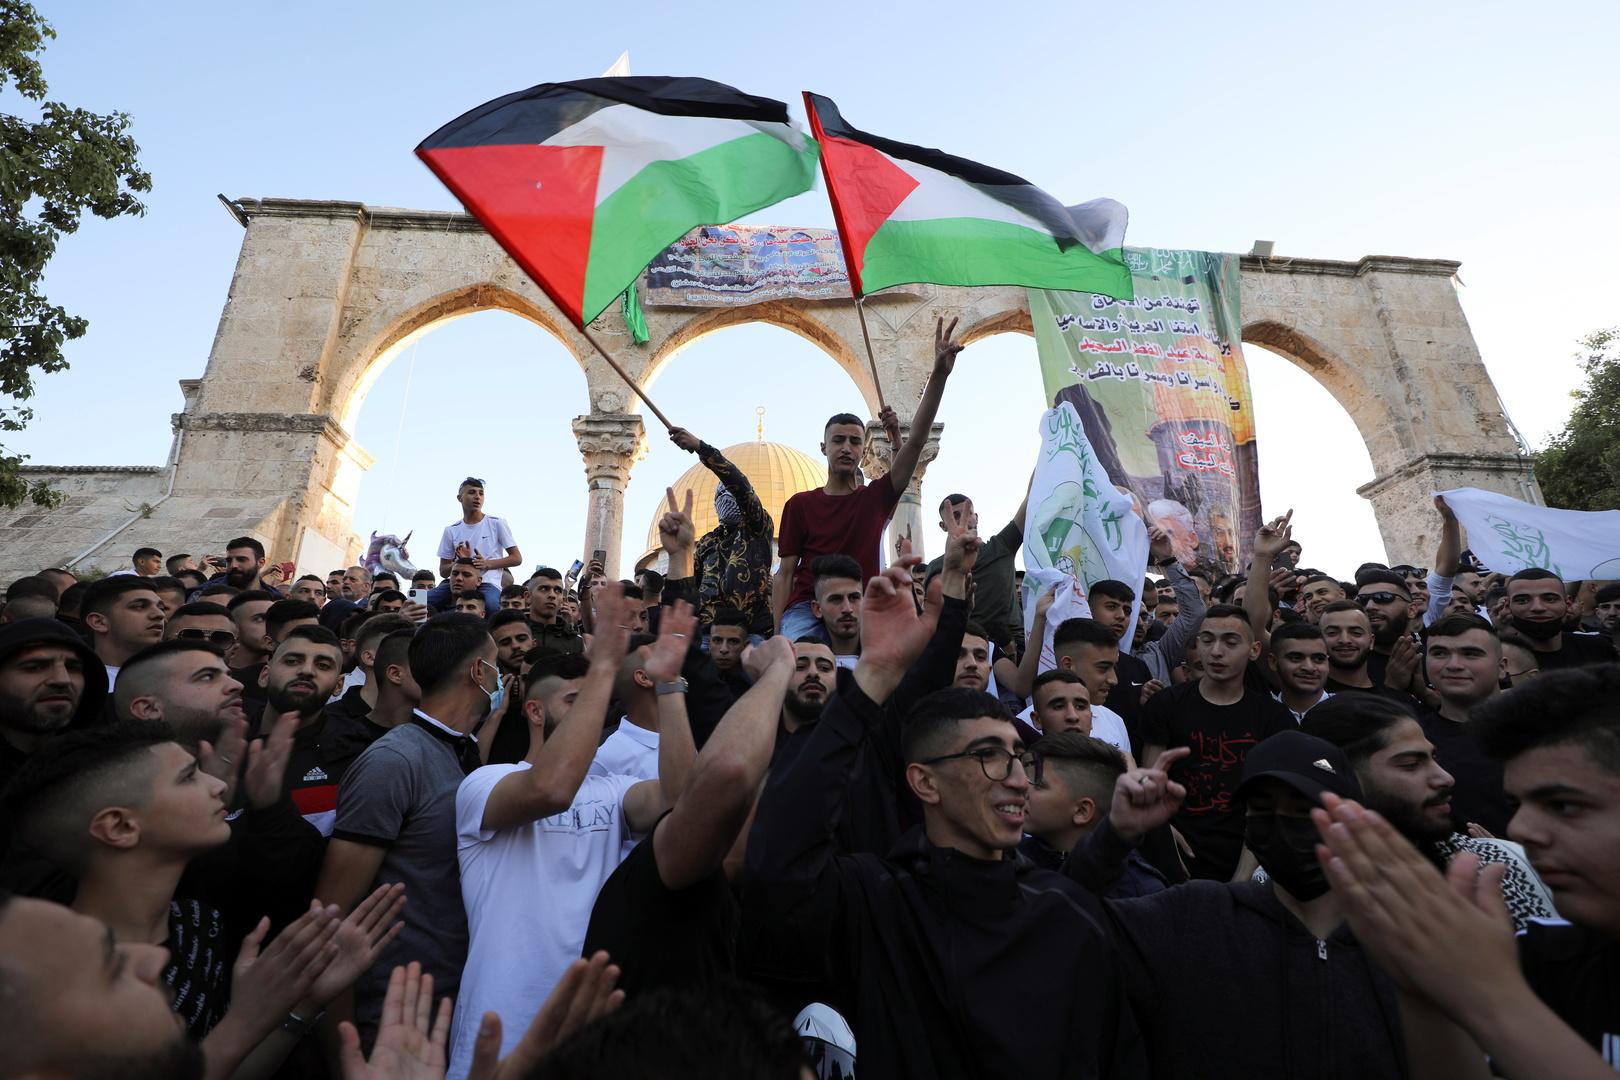 العراق يدين بأشد العبارات الإعتداءات الإسرائيلية على الفلسطينيين